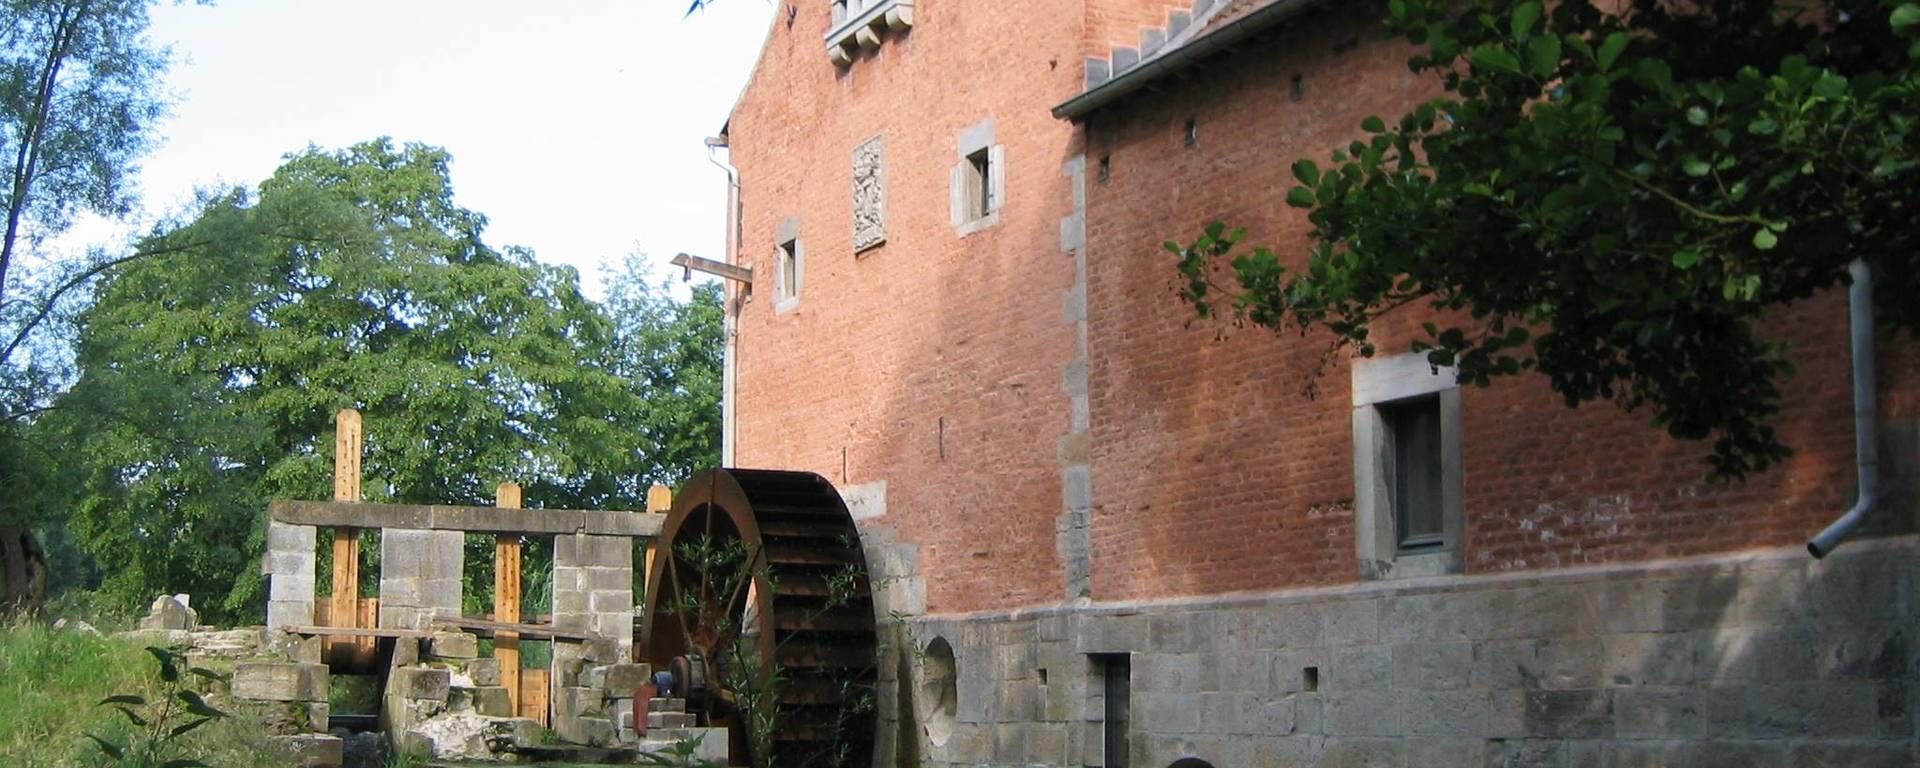 Burgmühle von Hollogne-sur-Geer